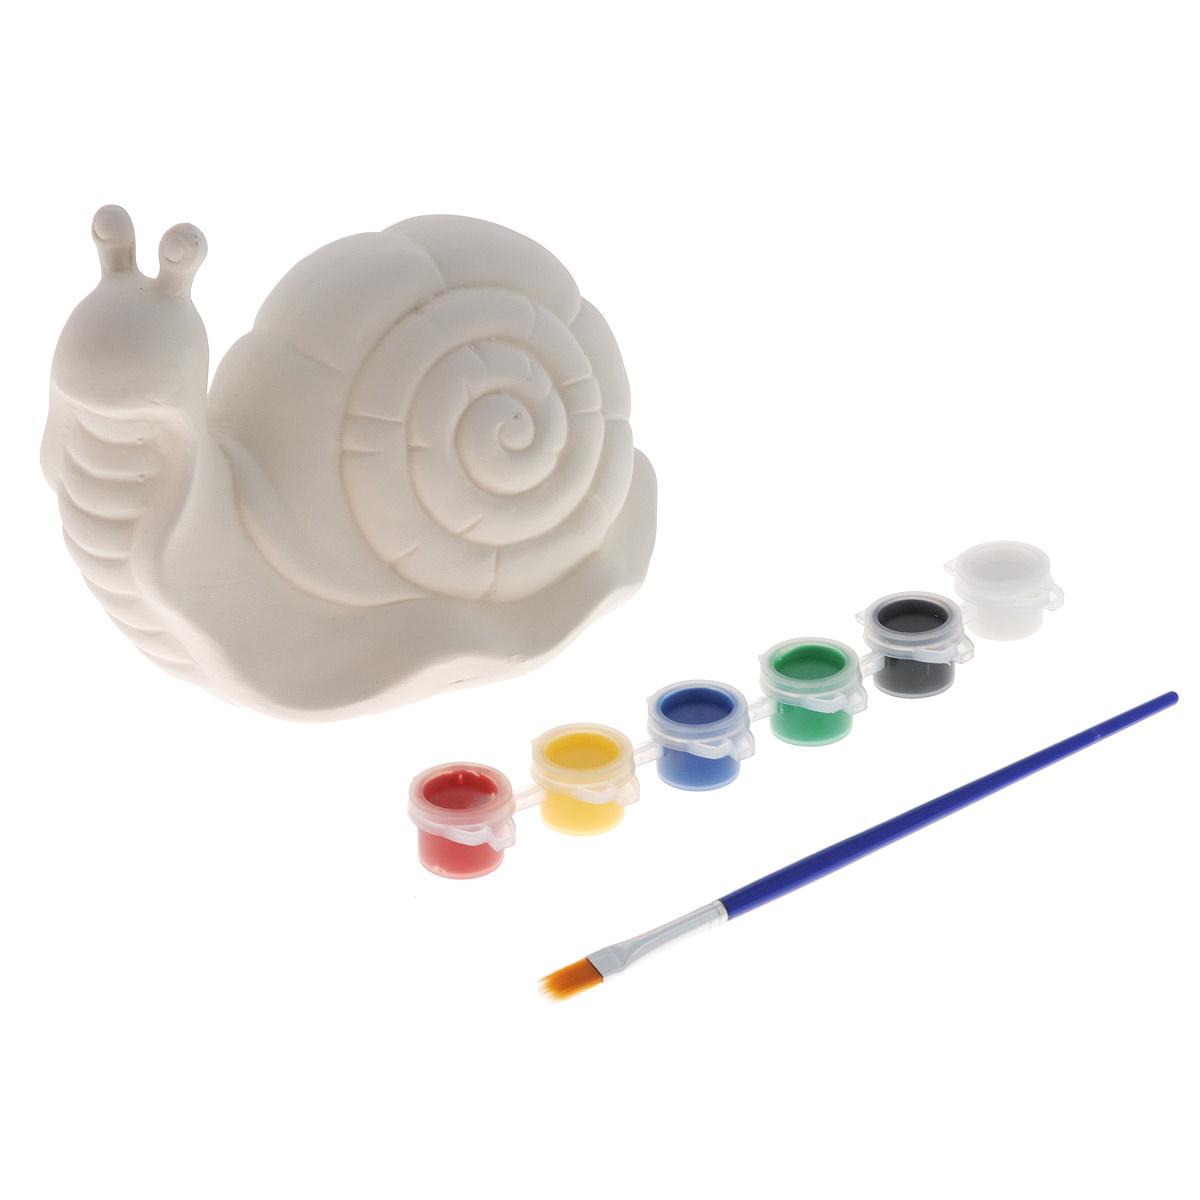 Набор для раскрашивания фигурки Premier УлиткаBA101387Набор для раскрашивания фигурки Premier Улитка состоит из керамической фигурки, кисти и красок шести цветов (красный, желтый, синий, зеленый, белый, черный). С таким набором ваш ребенок сможет сам раскрасить фигурку, как ему захочется. Цвета можно смешивать и получать новые. Такой набор, несомненно, порадует вашего ребенка и принесет массу положительных эмоций, а также поможет развивать творческие способности. Размер фигурки (ДхШхВ): 15 см х 9 см х 12 см. Длина кисти: 17,5 см. Количество красок: 6.